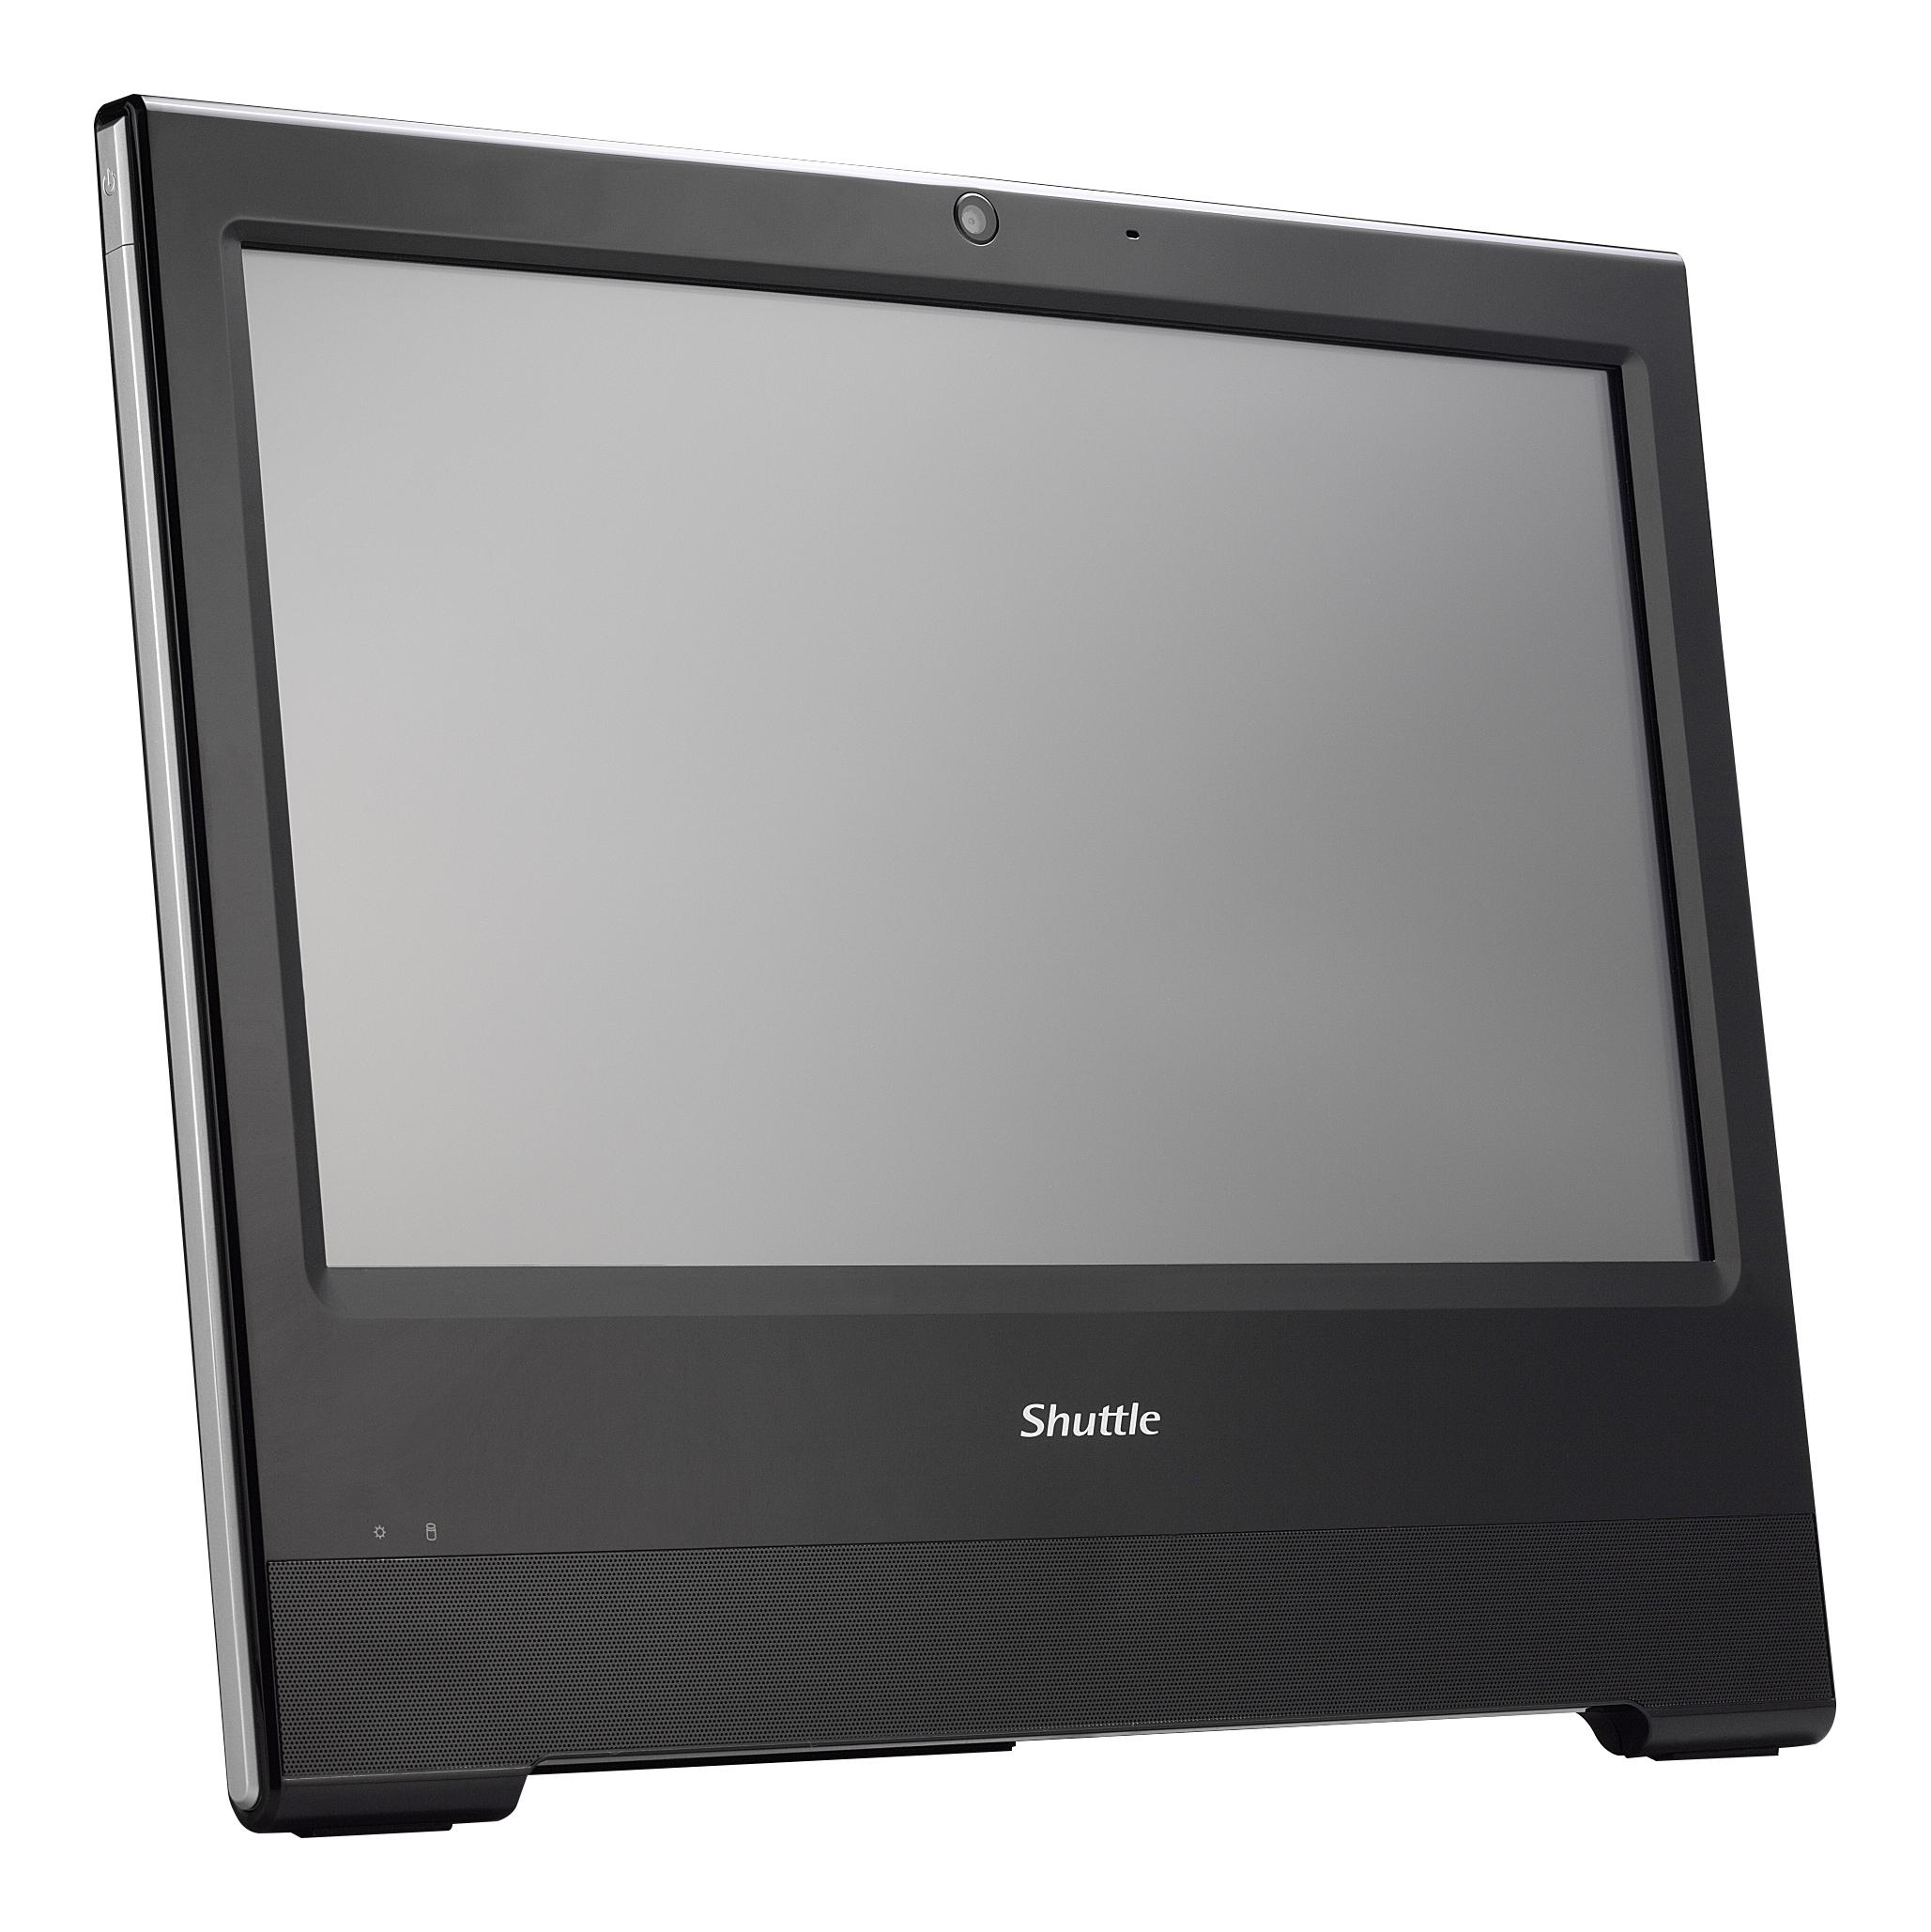 SHUTTLE XPC AiO X5040XA schwarz Celeron 2957U 4GB DDR3 500GB SATA 6.4cm HDD 2.5Zoll o.BS